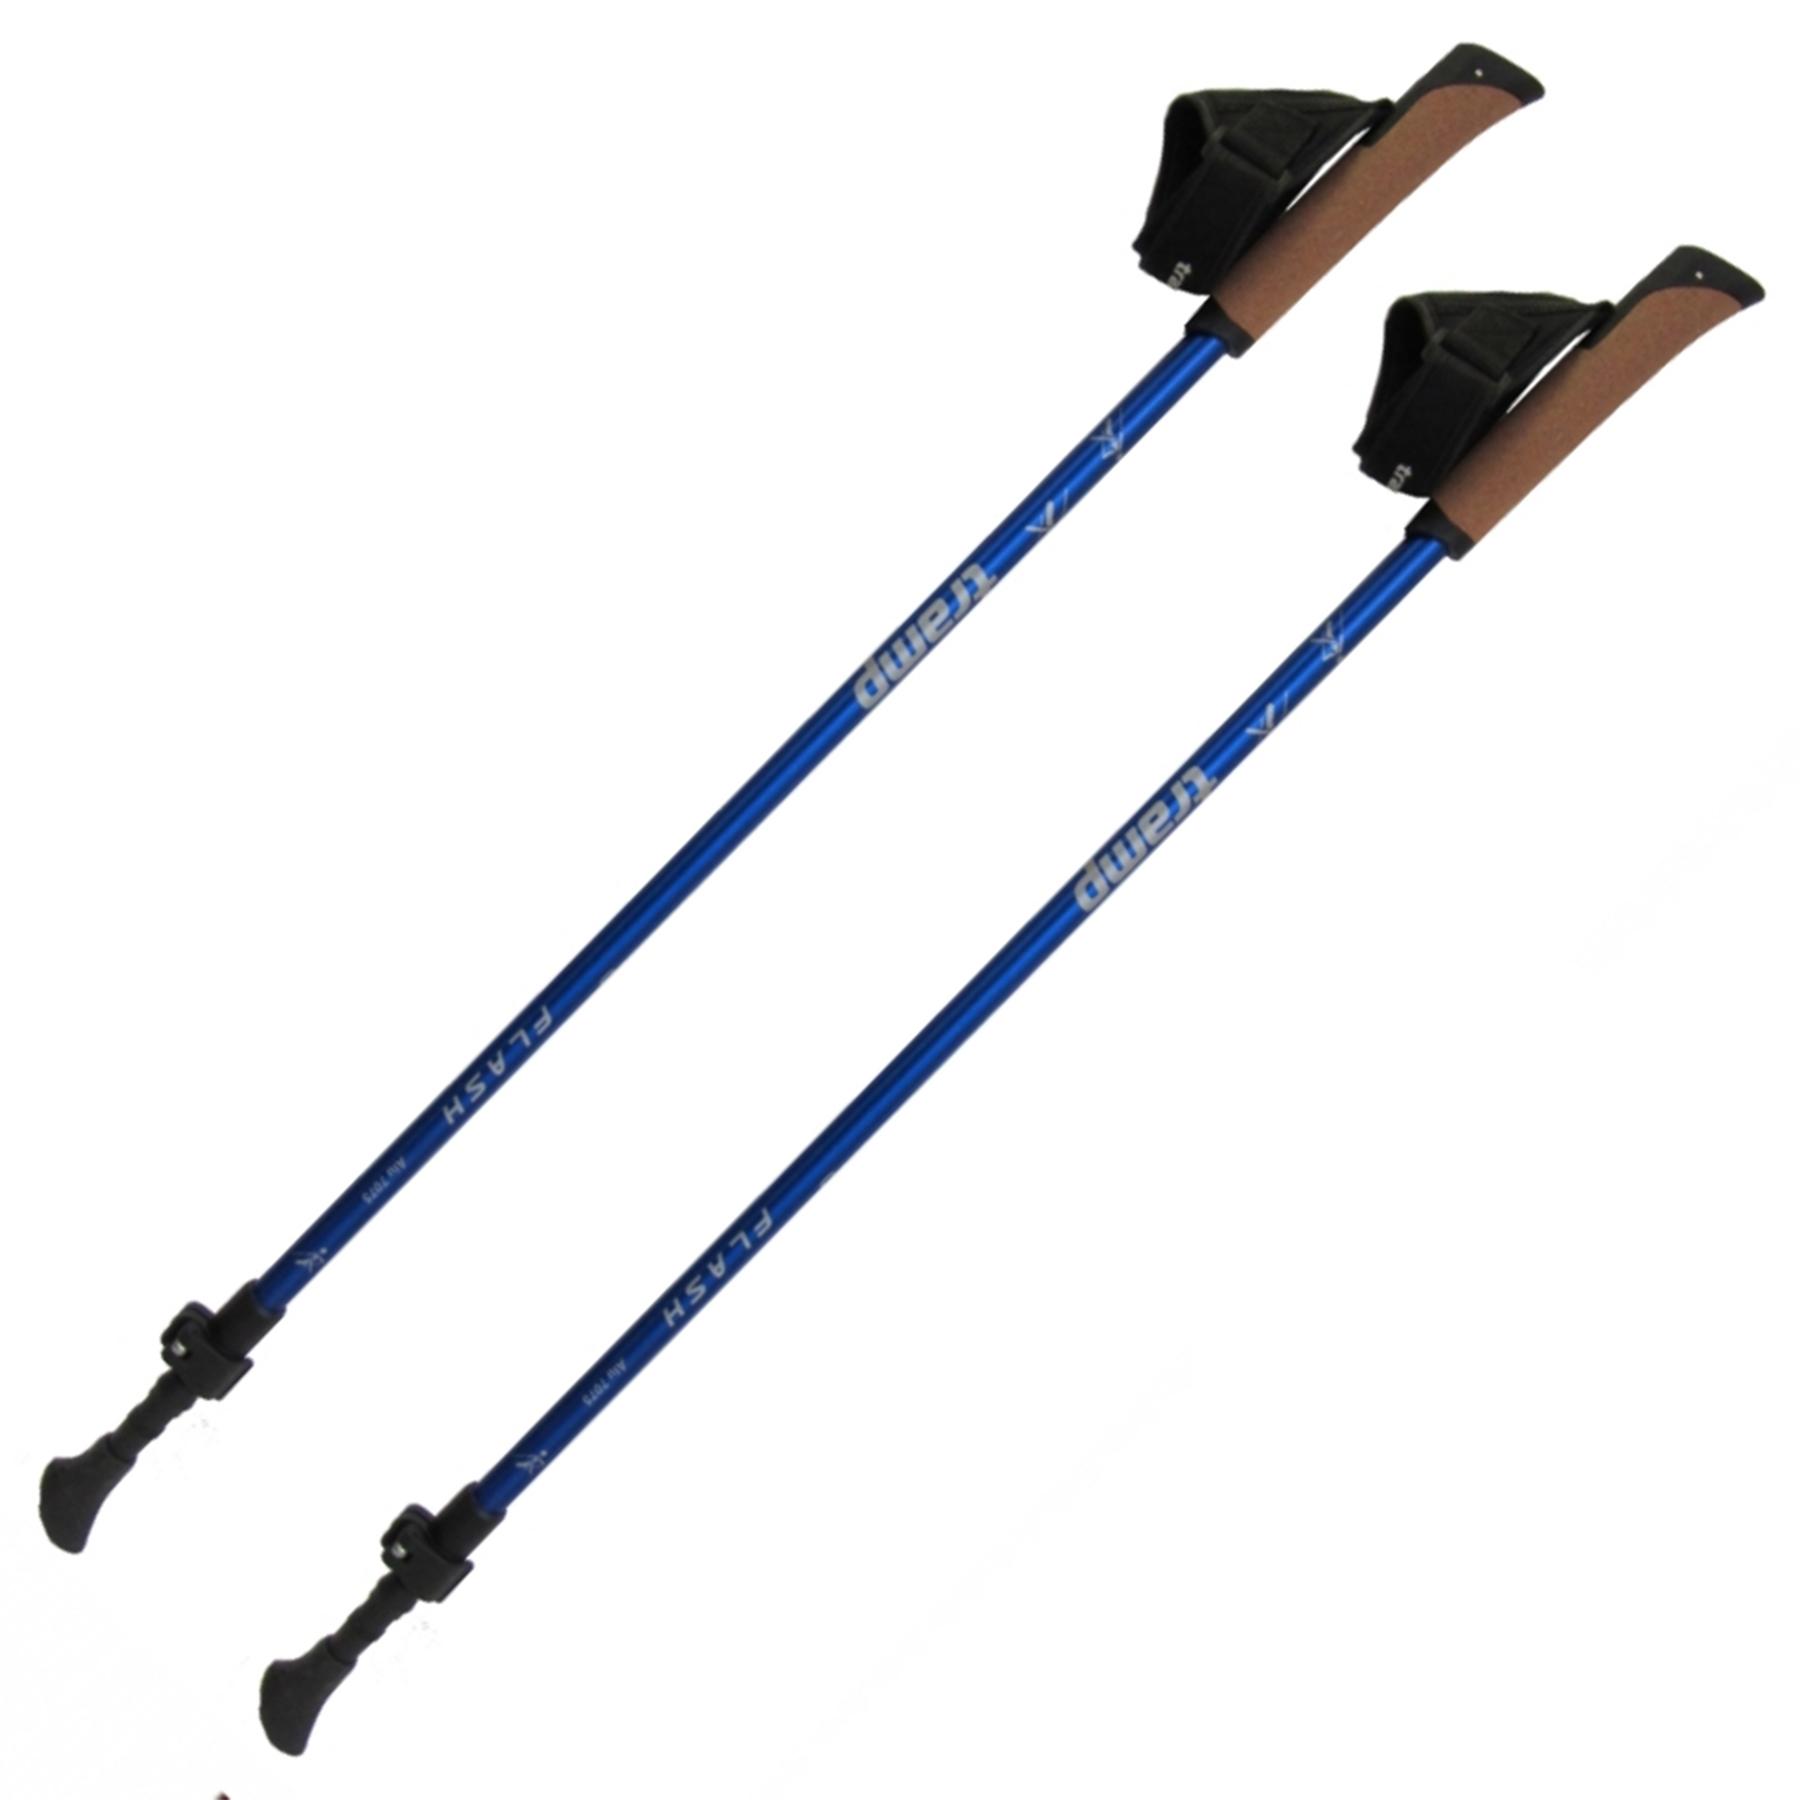 Палки для скандинавской ходьбы Tramp Flash TRR-010 синие 84/135см